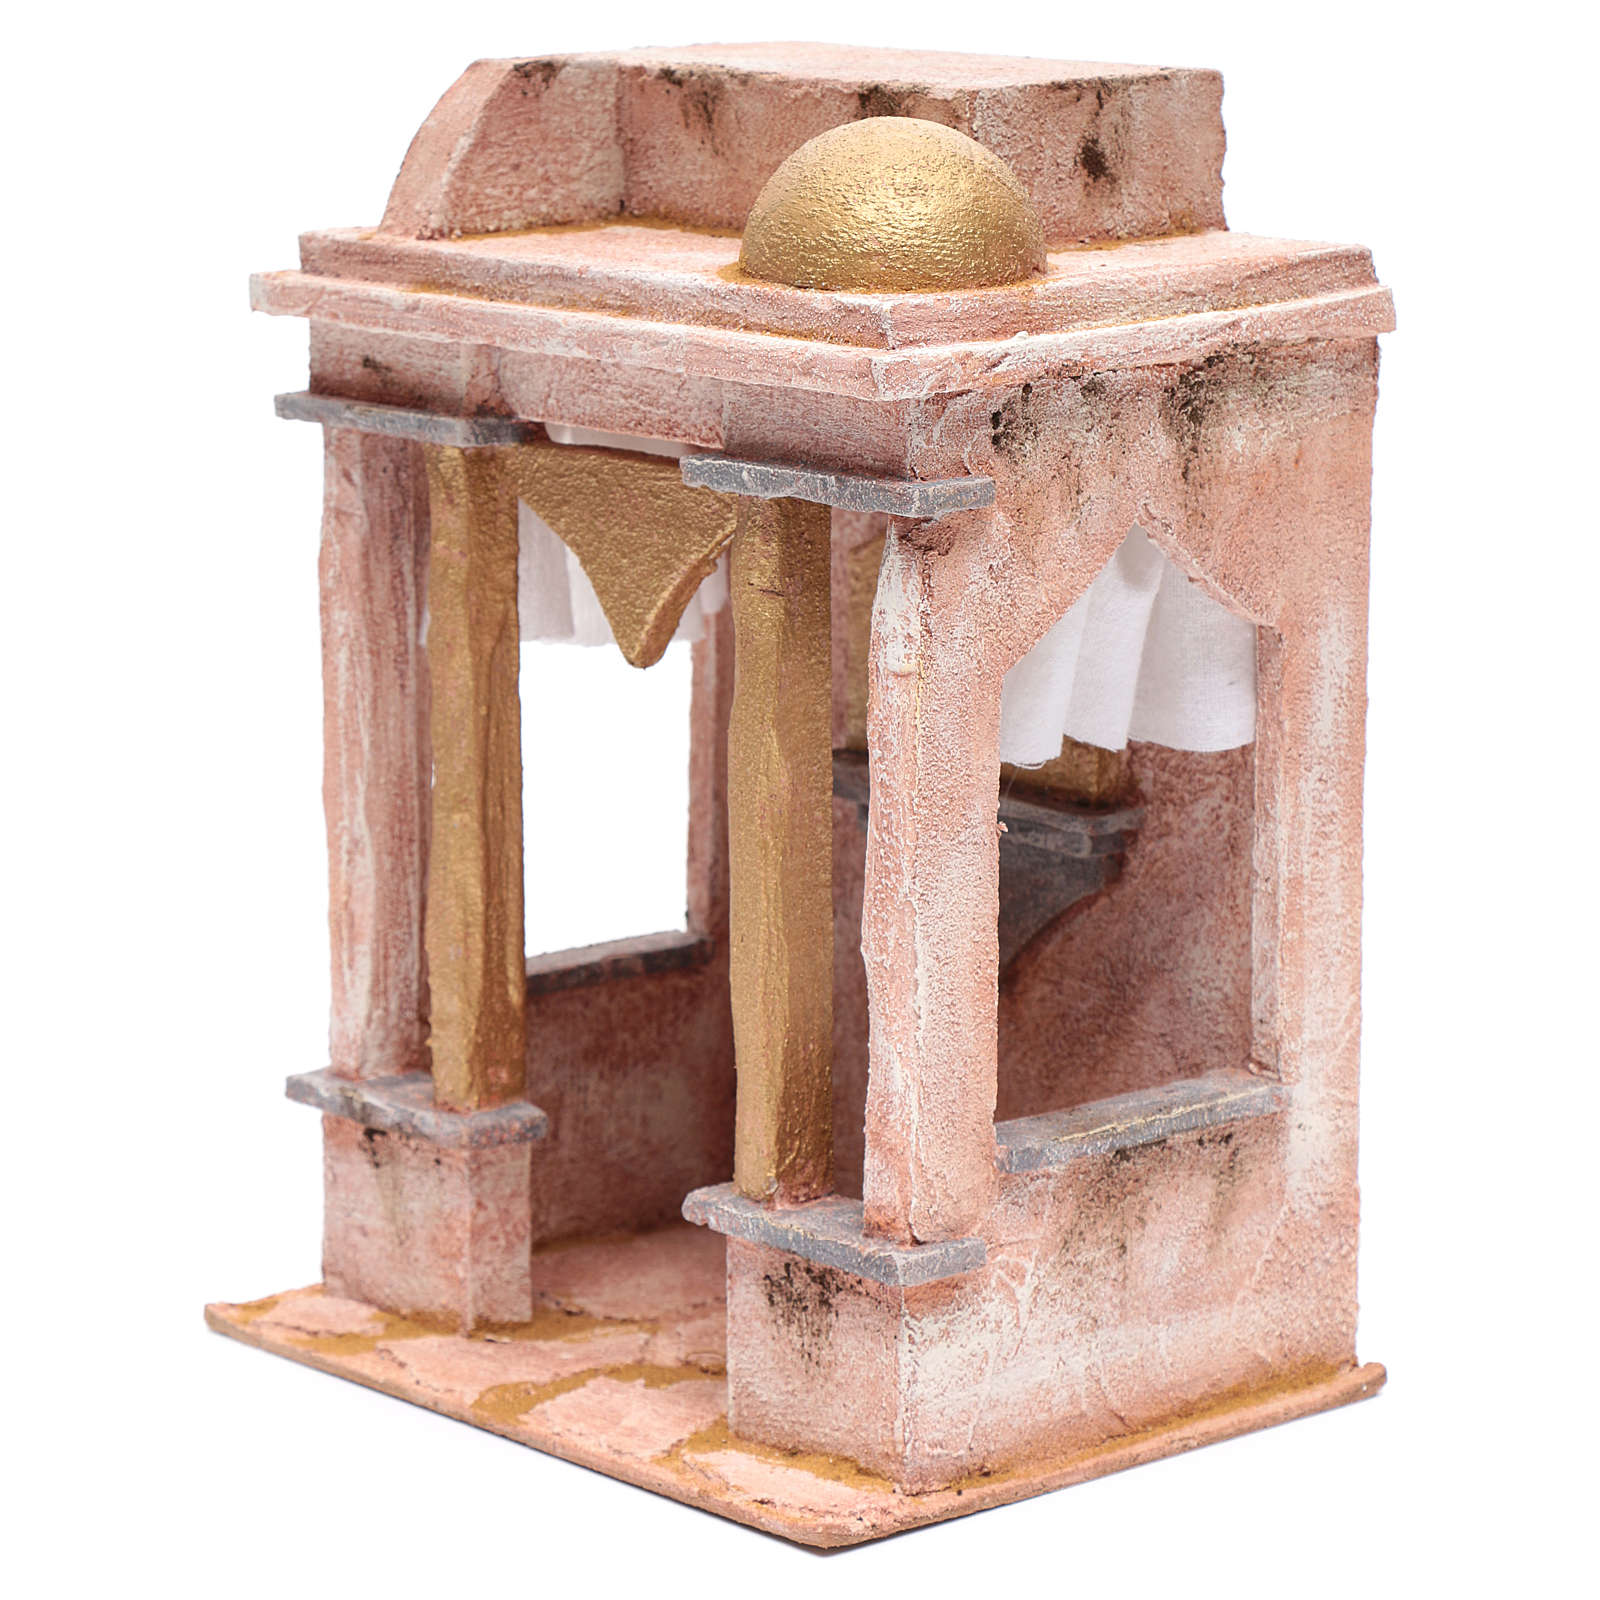 Tempio stile arabo con colonne 30x25x20 cm 4